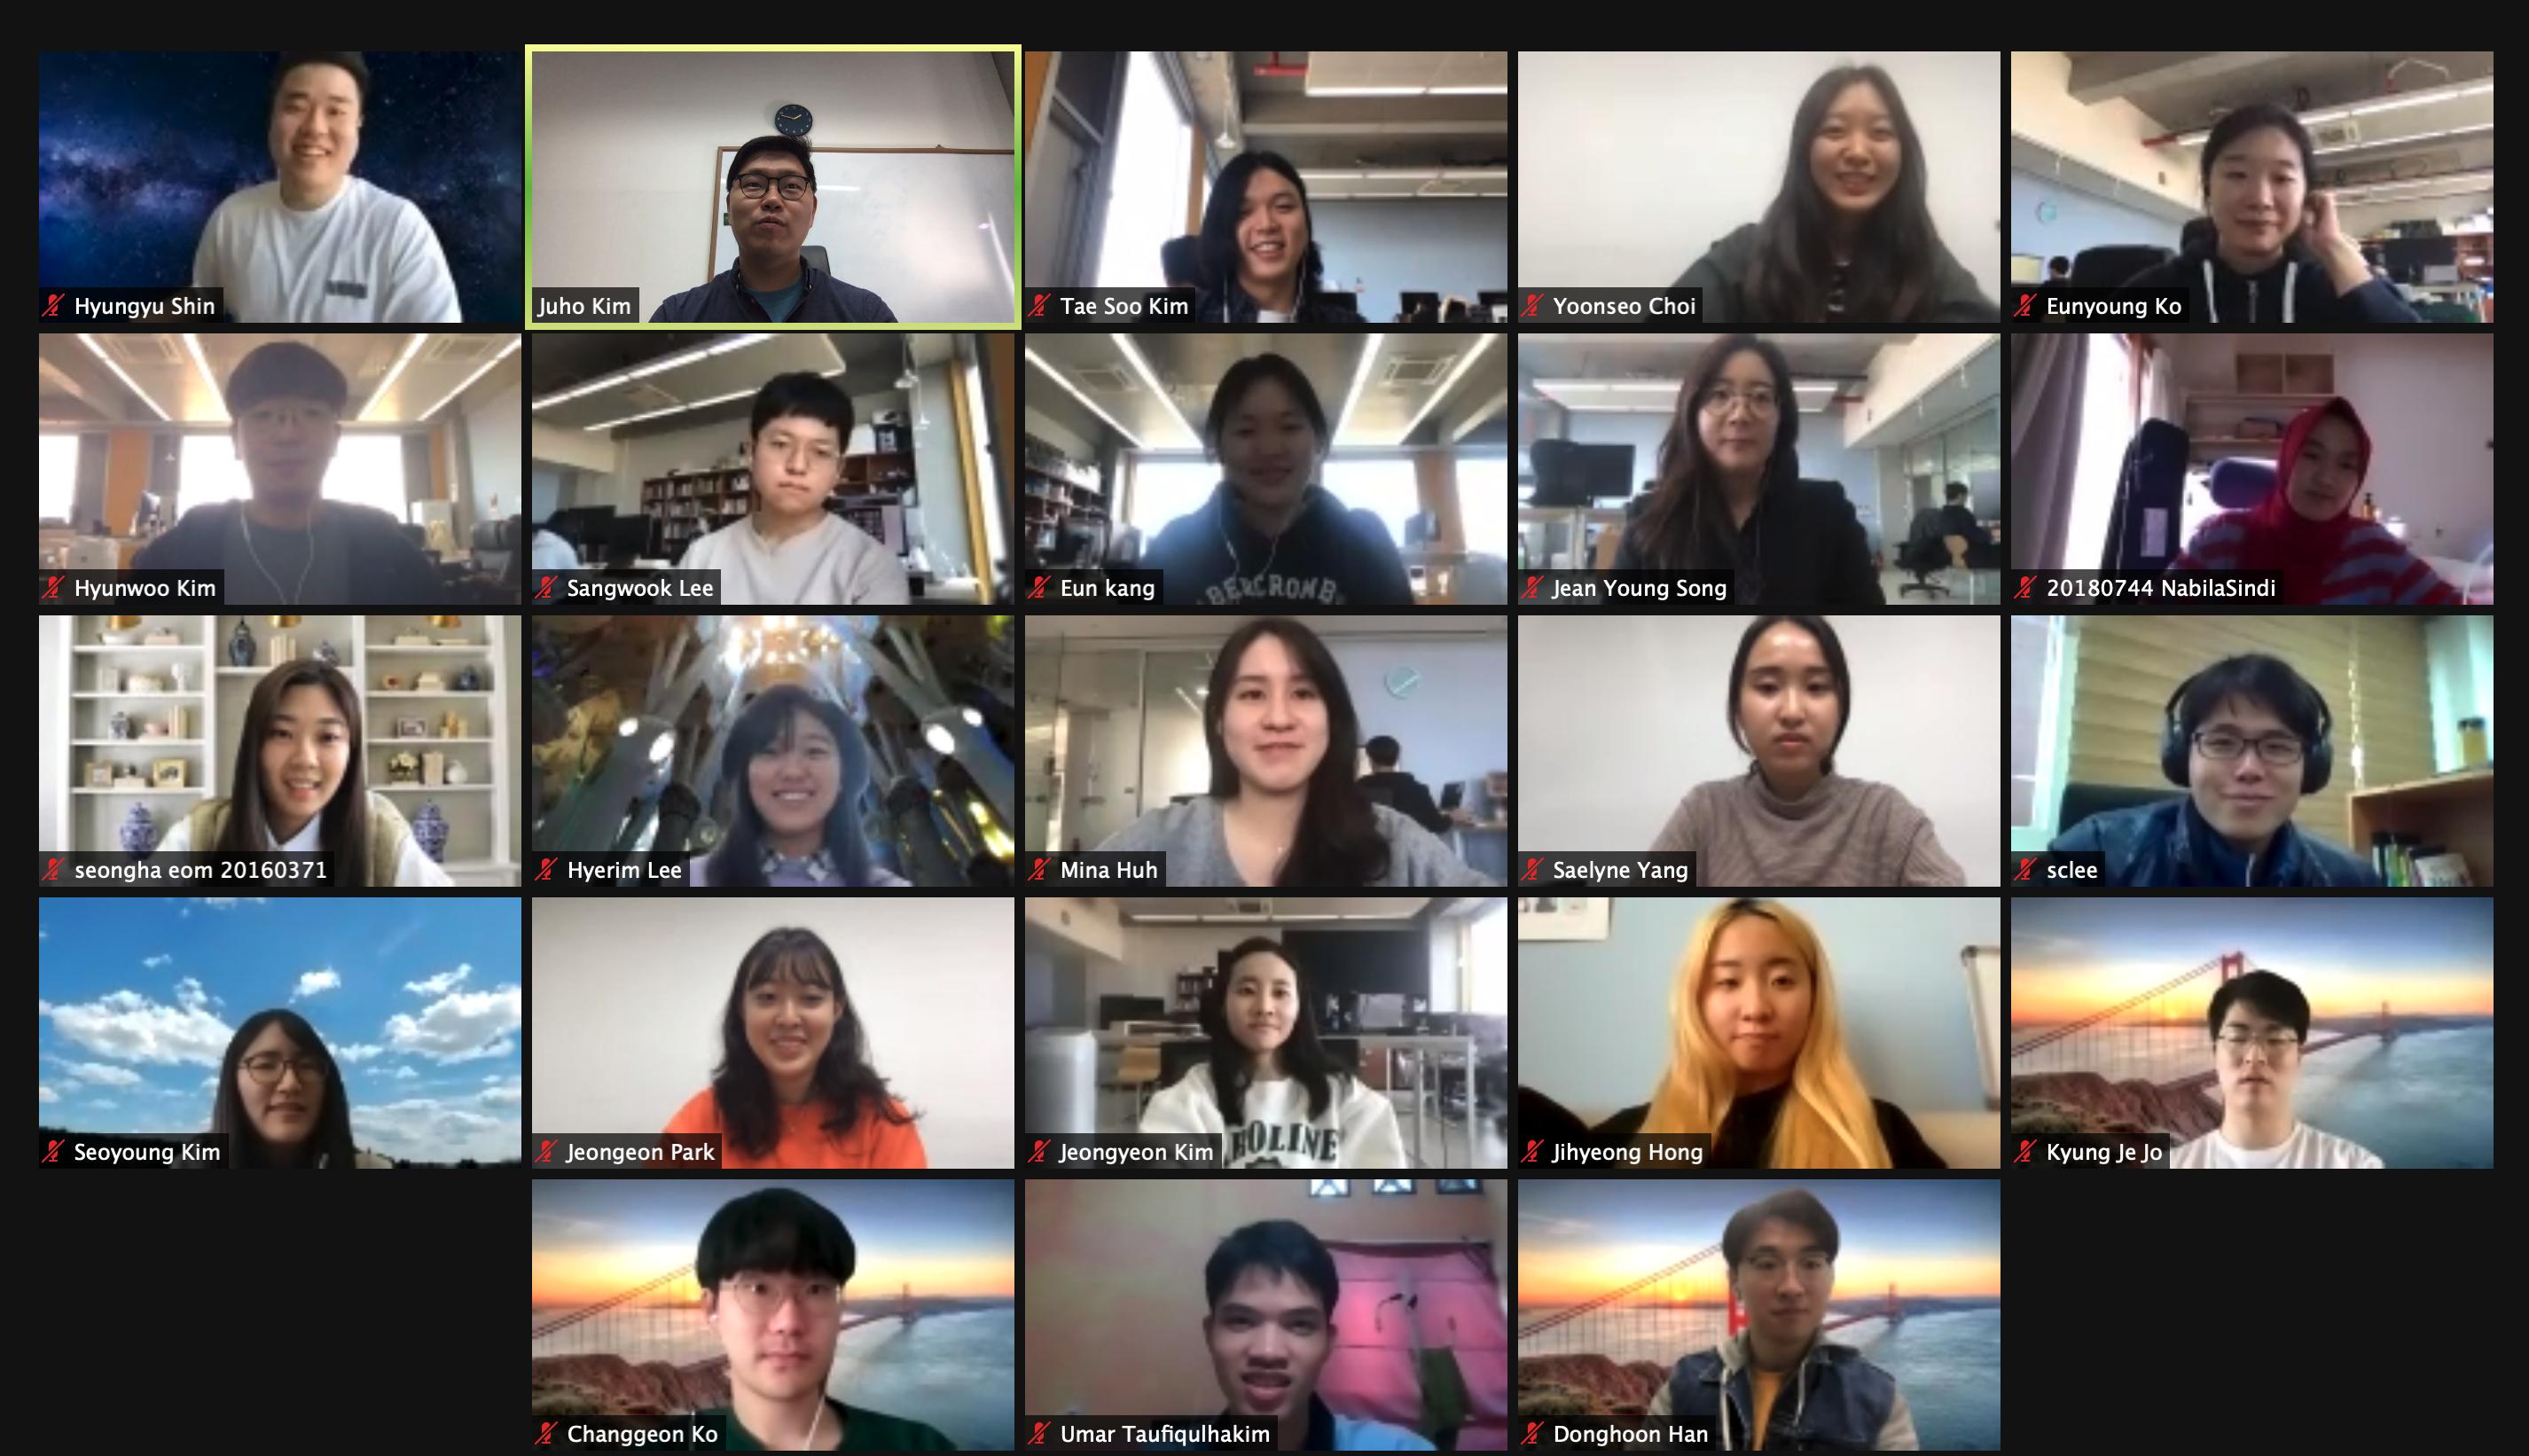 Photo of KIXLAB group, November, 2020